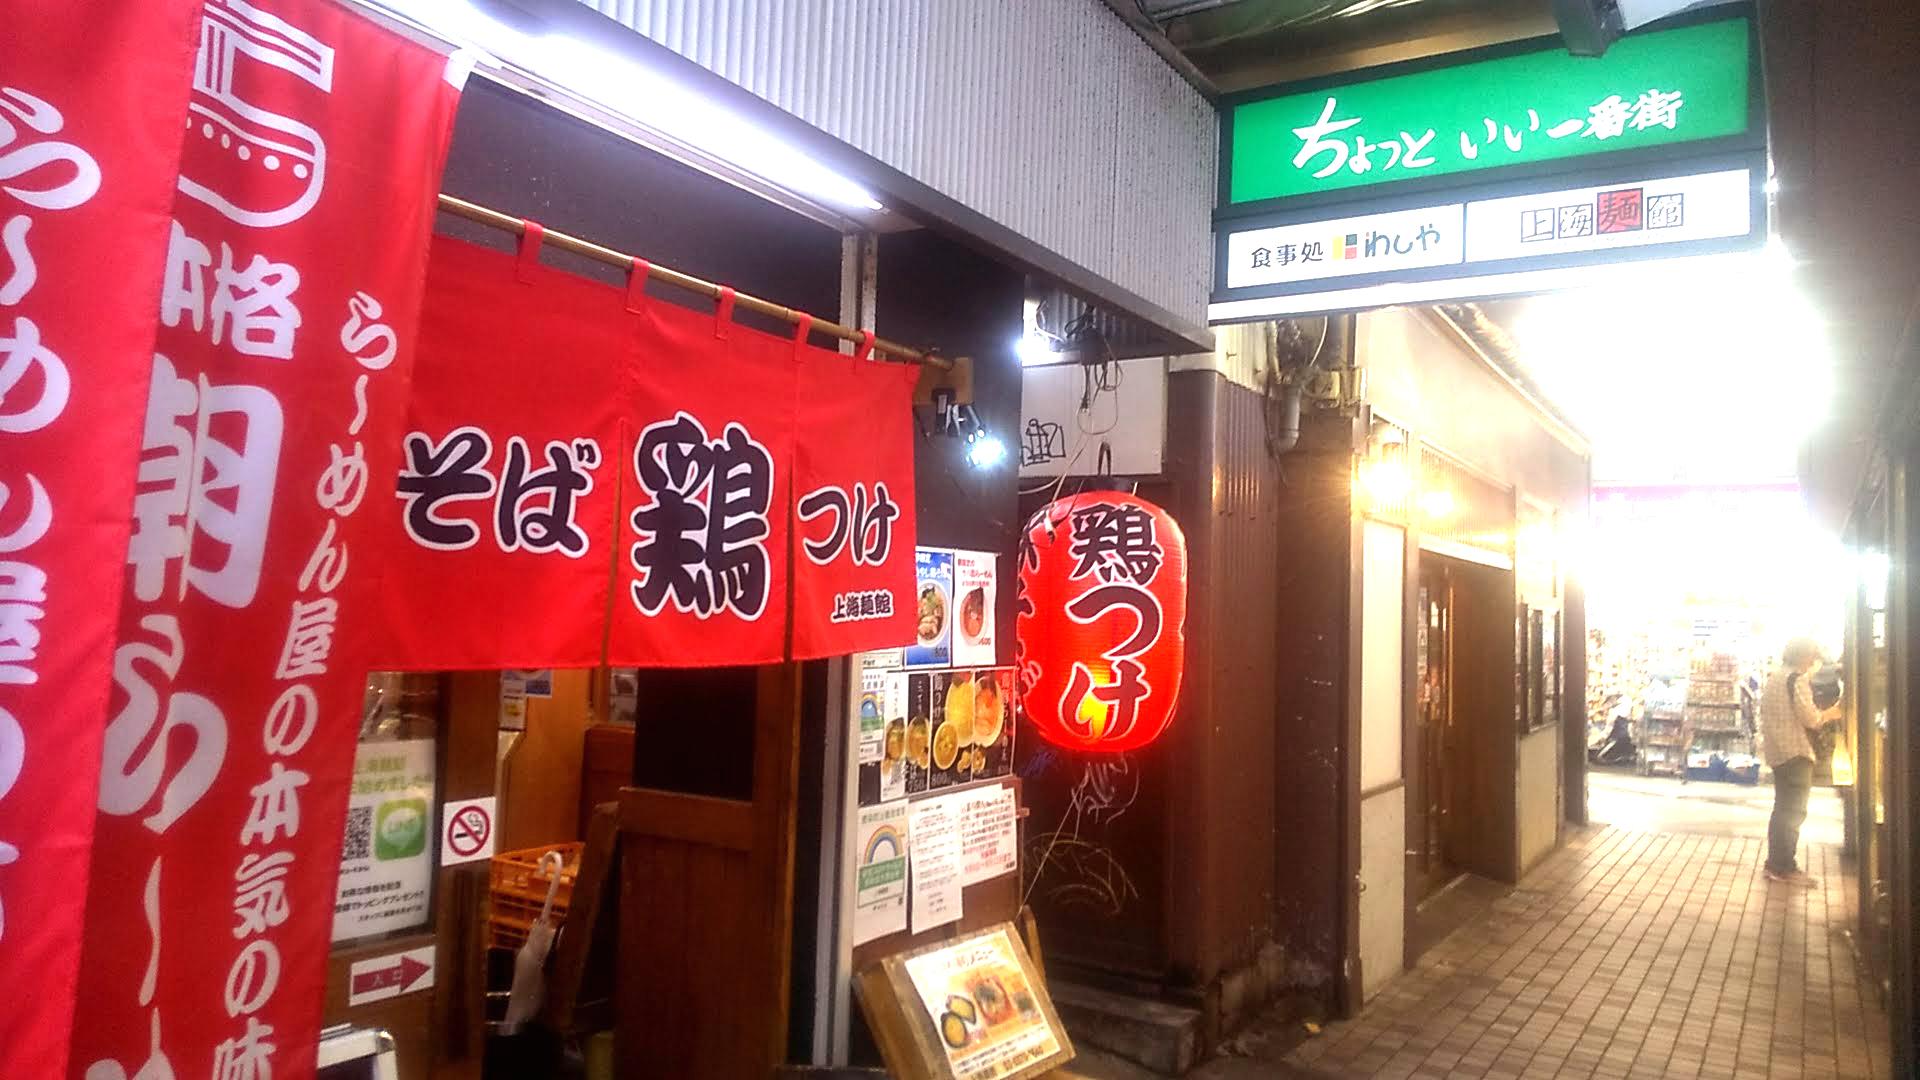 上海麺館の外観写真